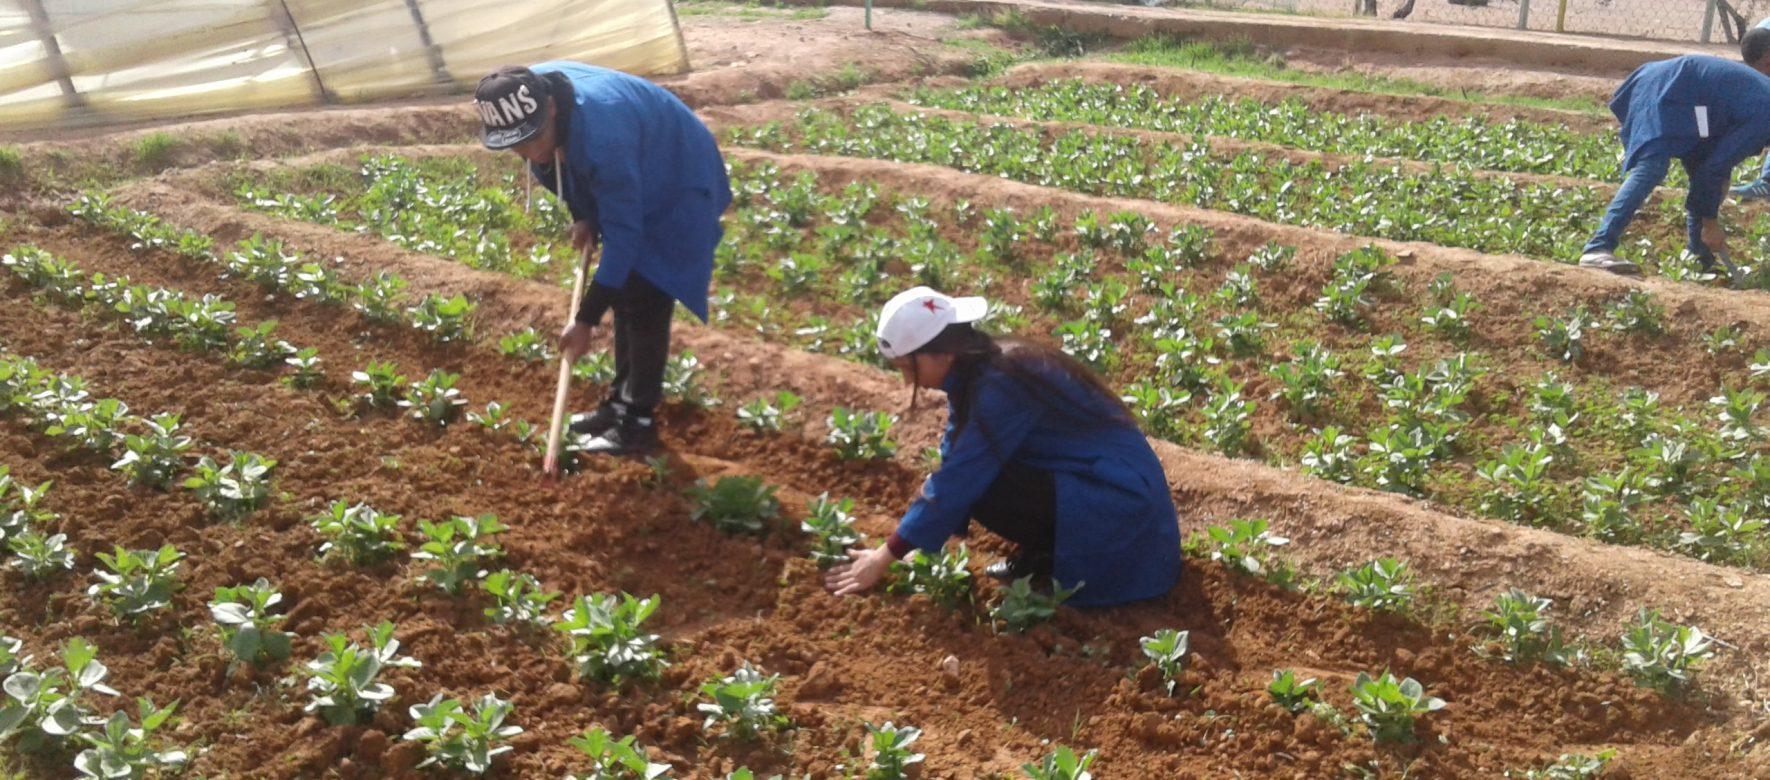 Maroc : L'agriculture attire les investissements étrangers comme Development Partners International